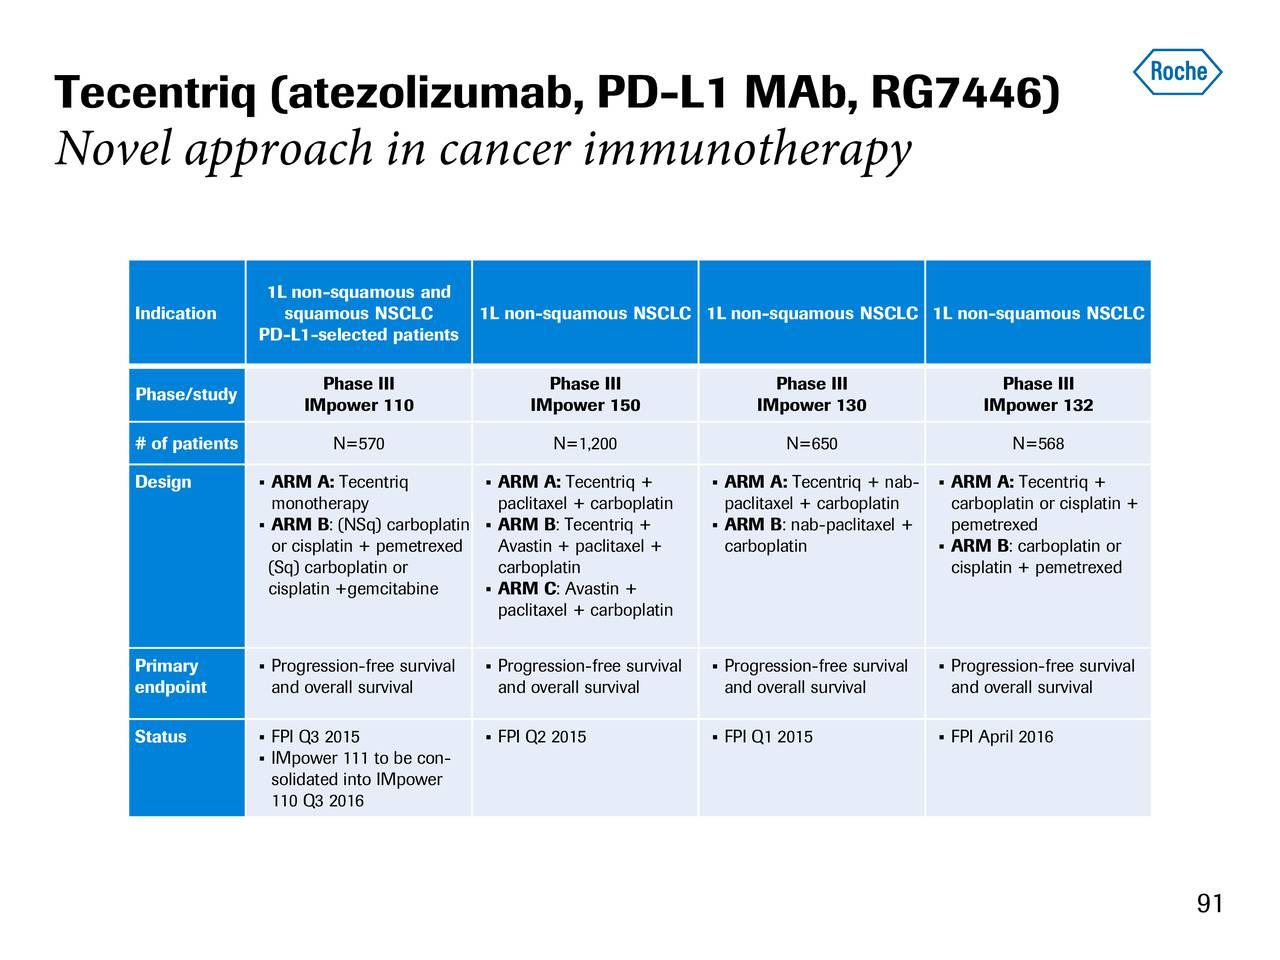 Forum on this topic: Atezolizumab, atezolizumab/